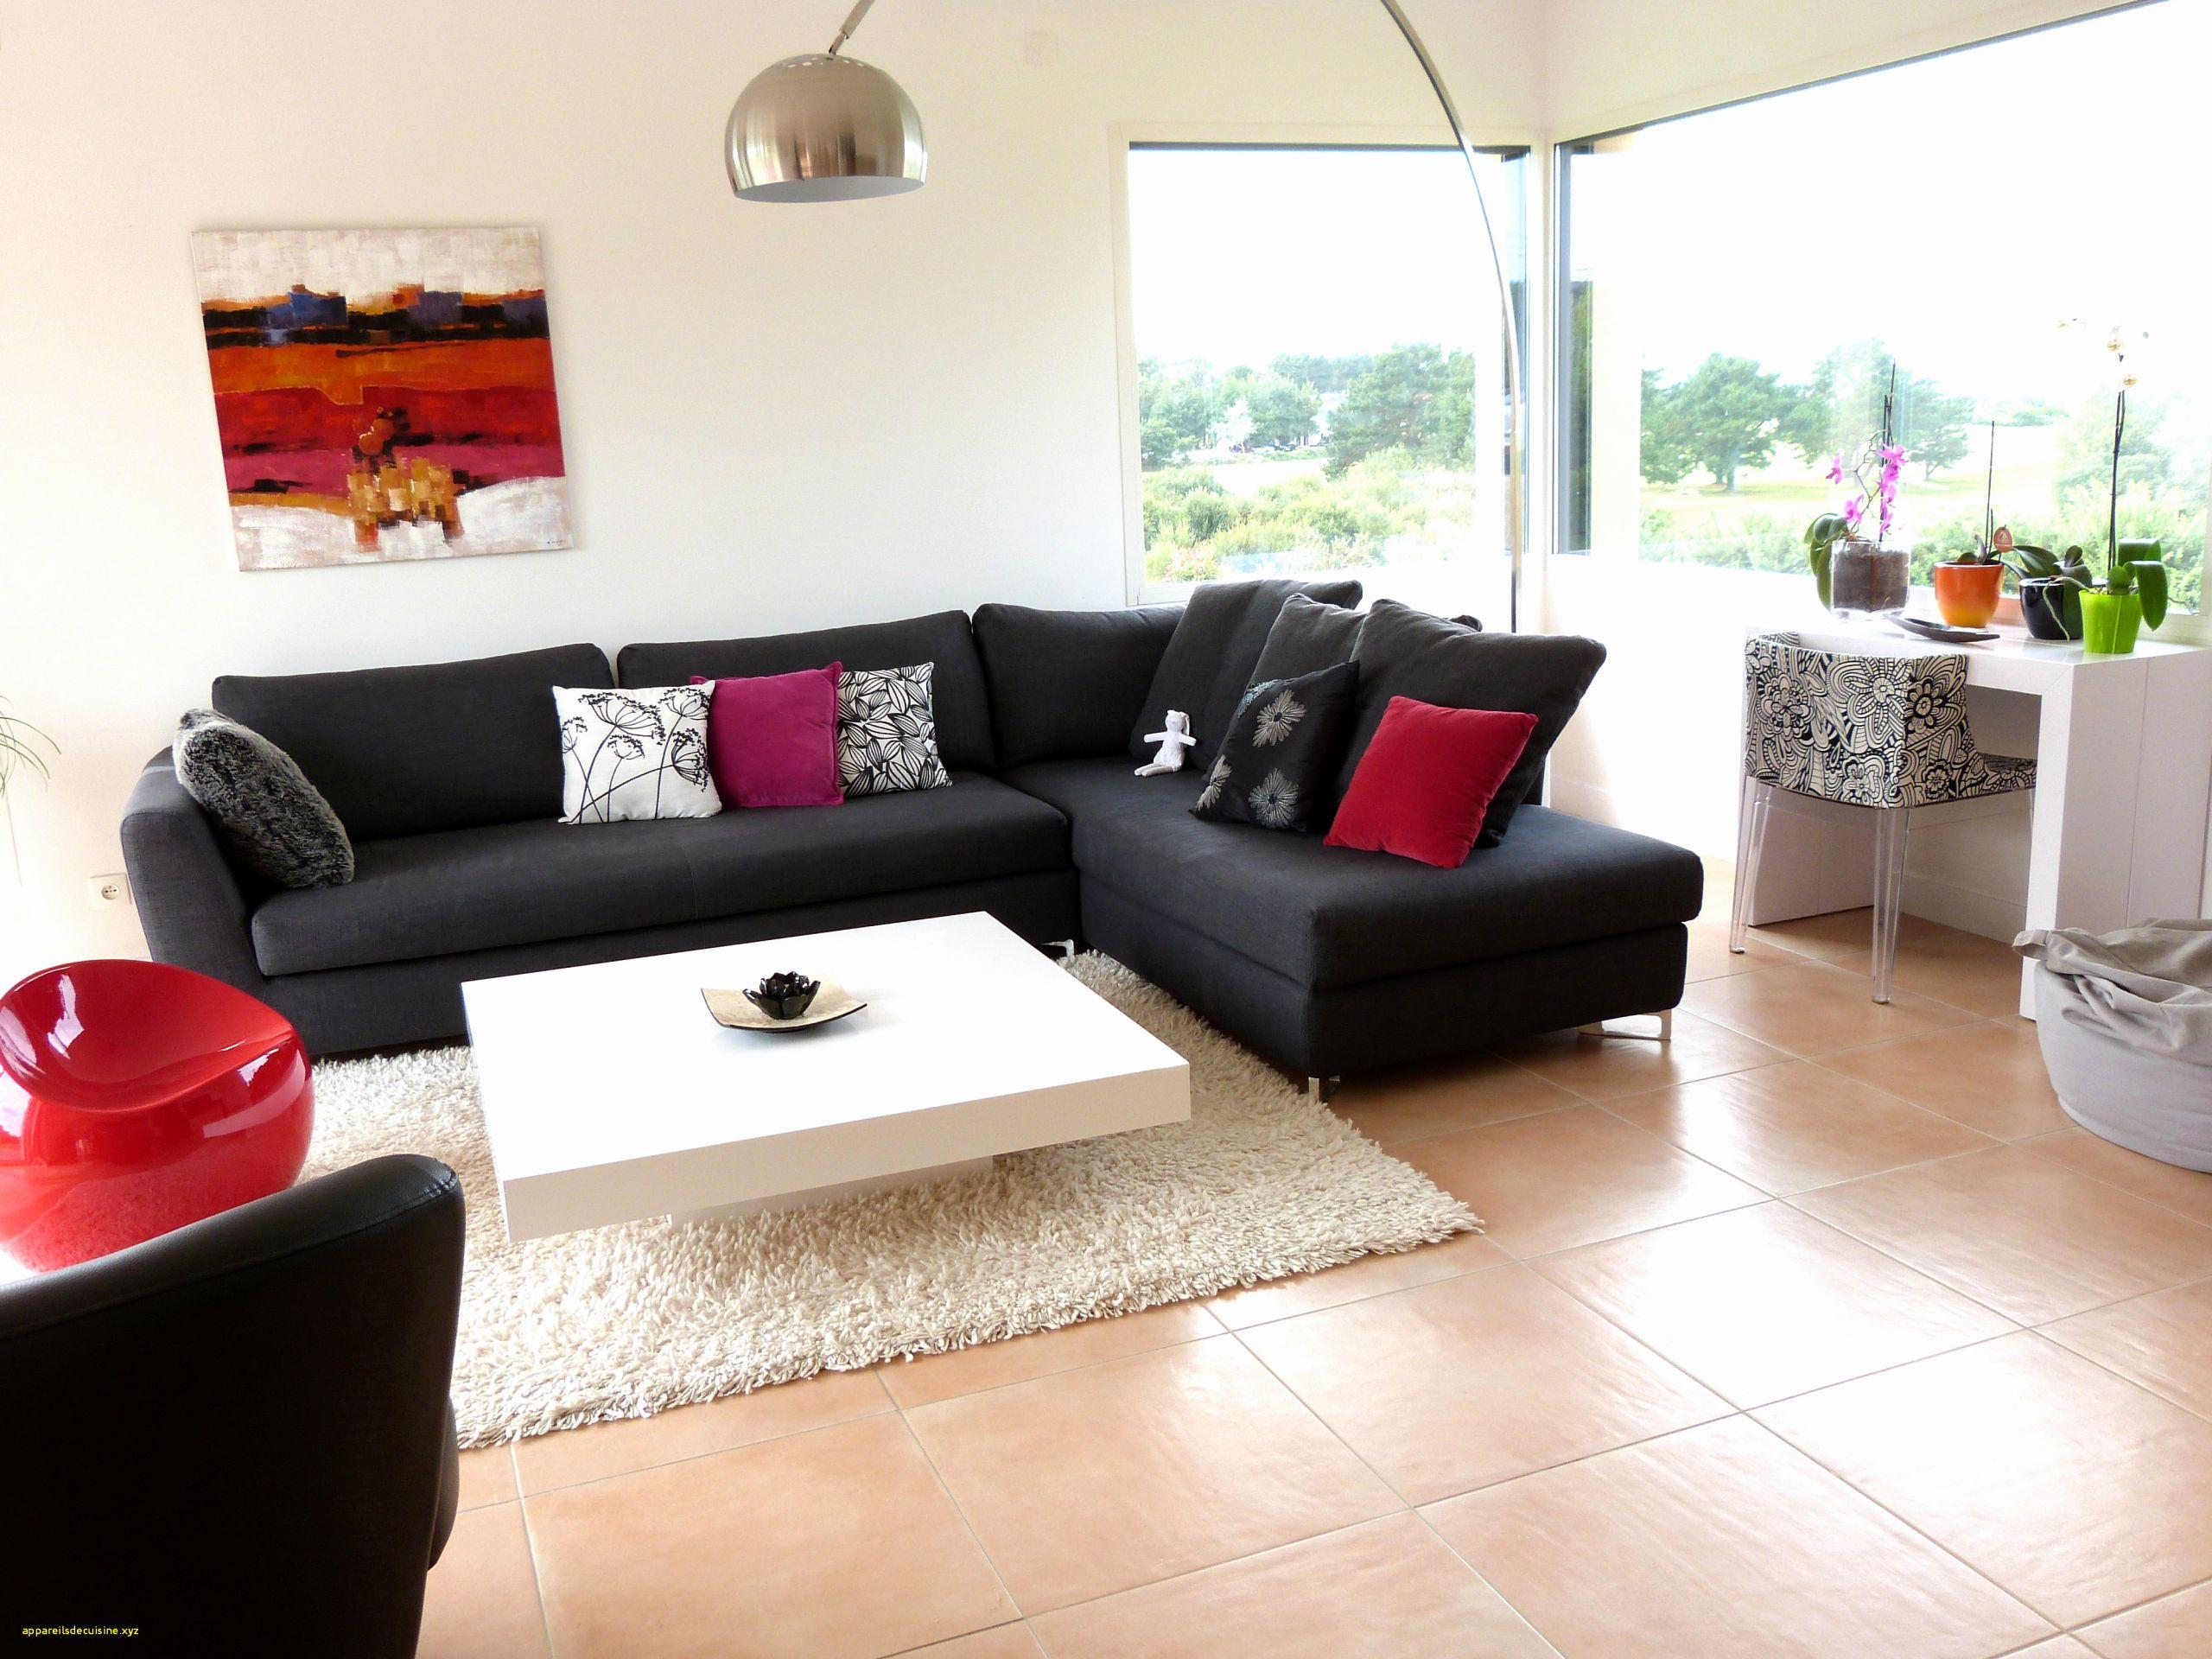 frais meuble verre avec led meubles tele moderne design table bois blanc banc hifi gris laque noir haut ensemble grand bas petit pivotant angle industriel mural